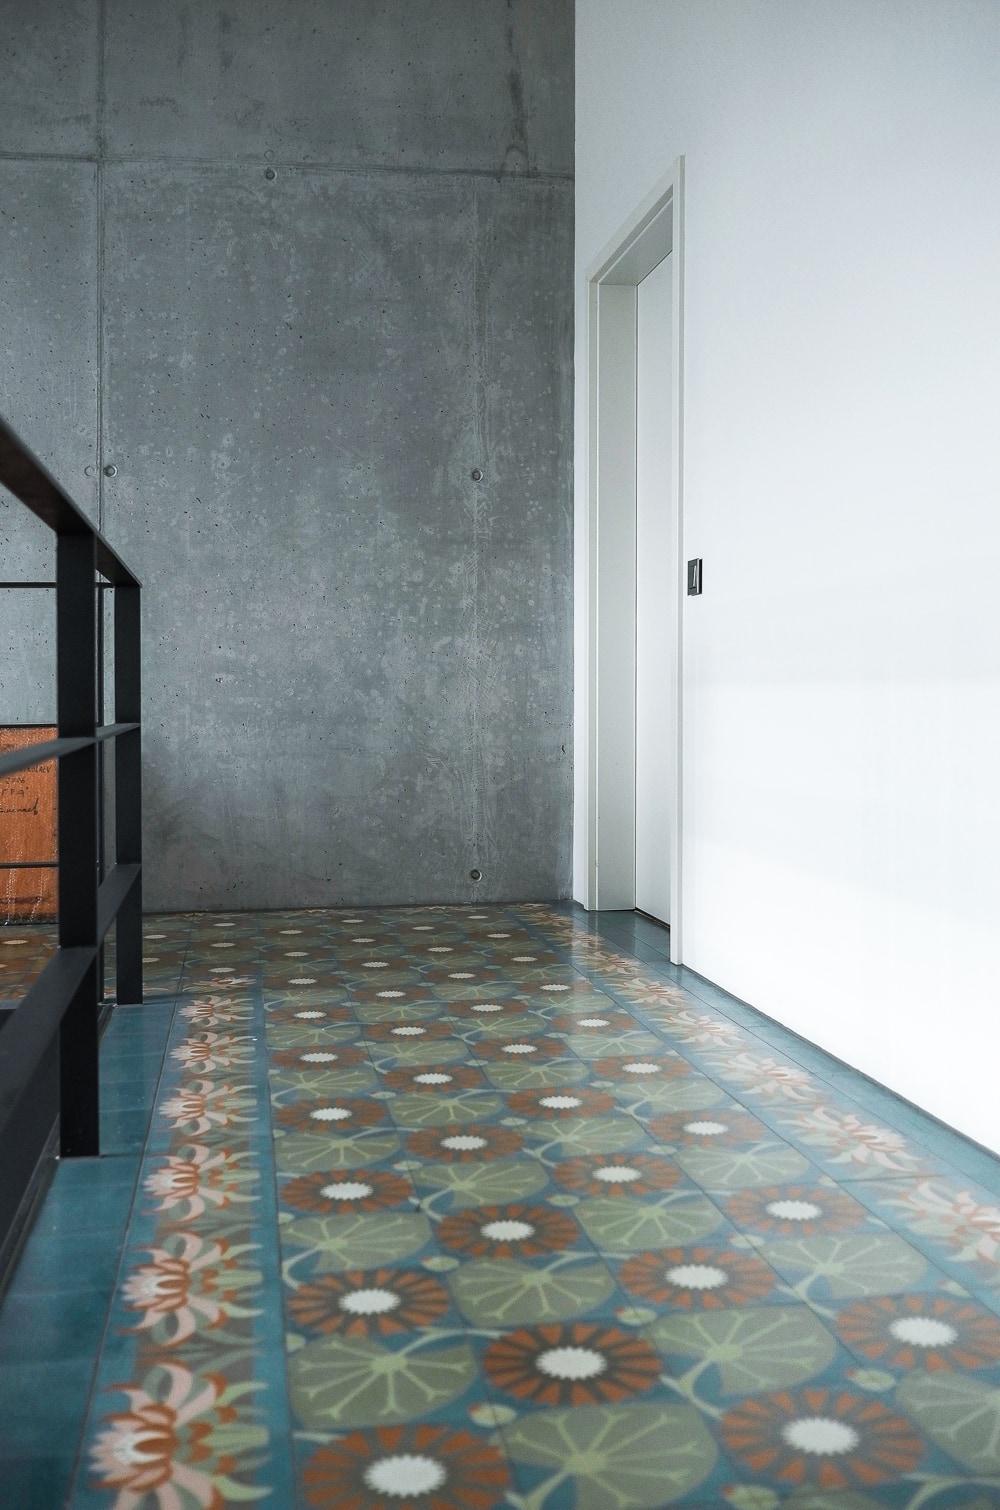 zementfliesen-via_zementplatten_51033-54_treppenhaus | 51033-54